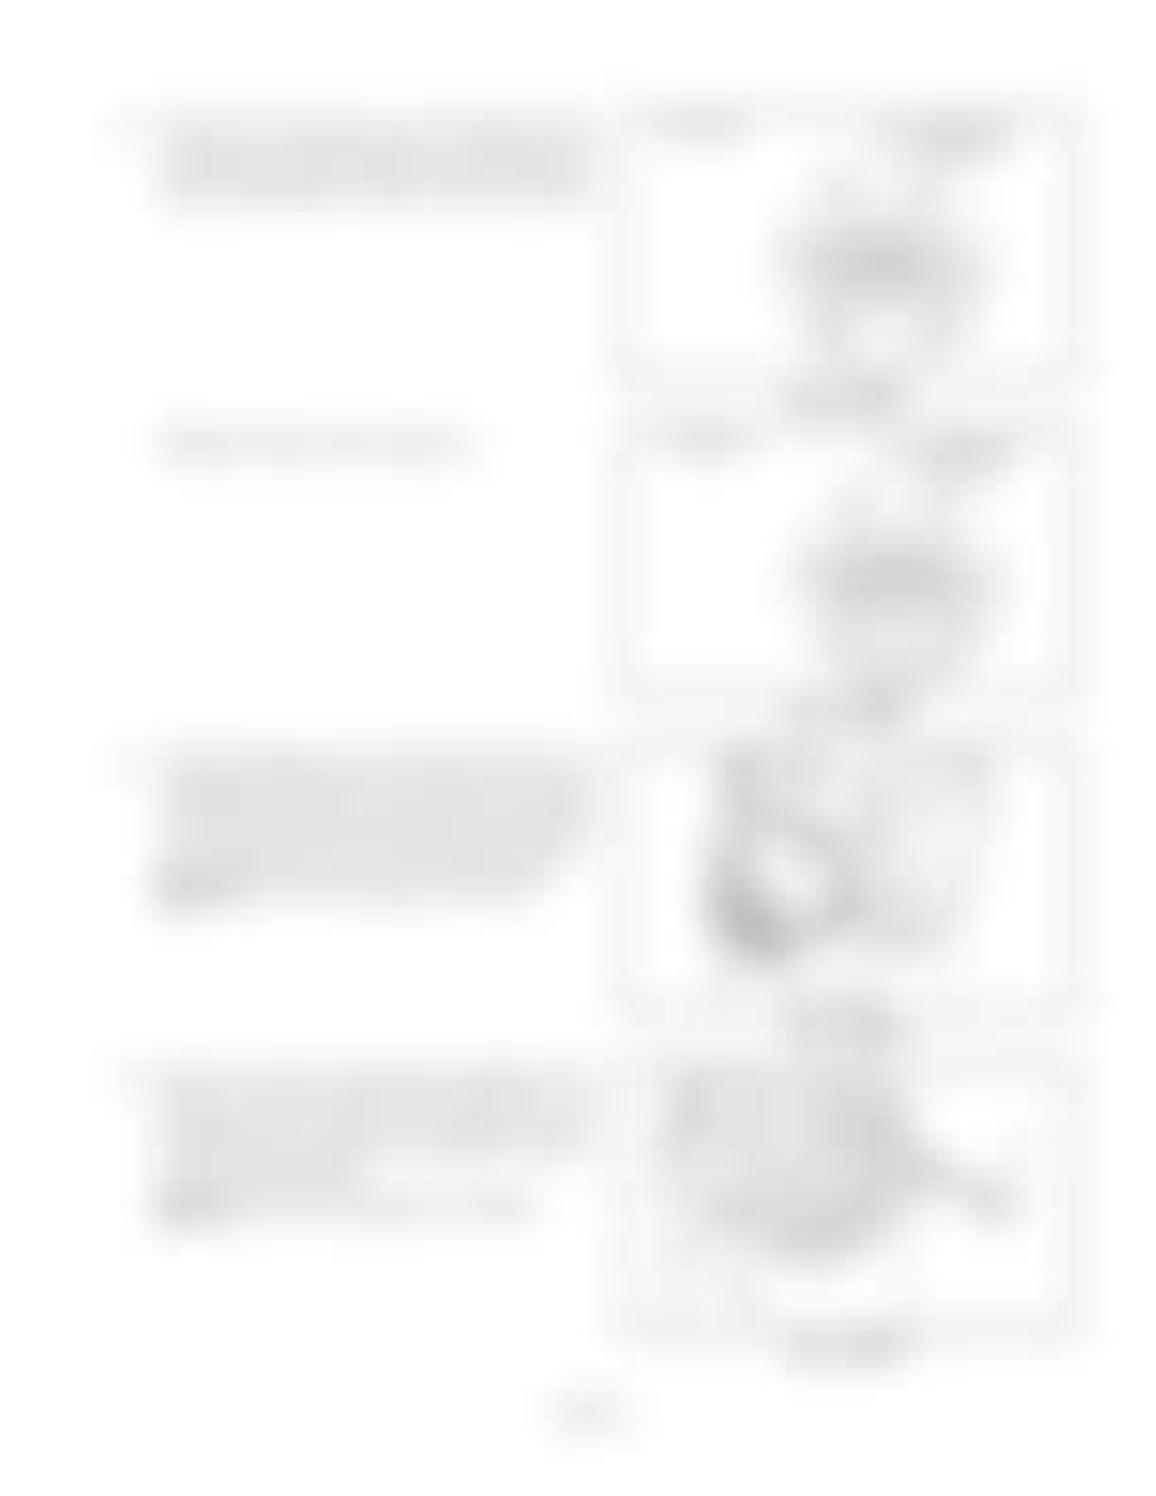 Hitachi LX110-7 LX130-7 LX160-7 LX190-7 LX230-7 Wheel Loader Workshop Manual - PDF DOWNLOAD page 205